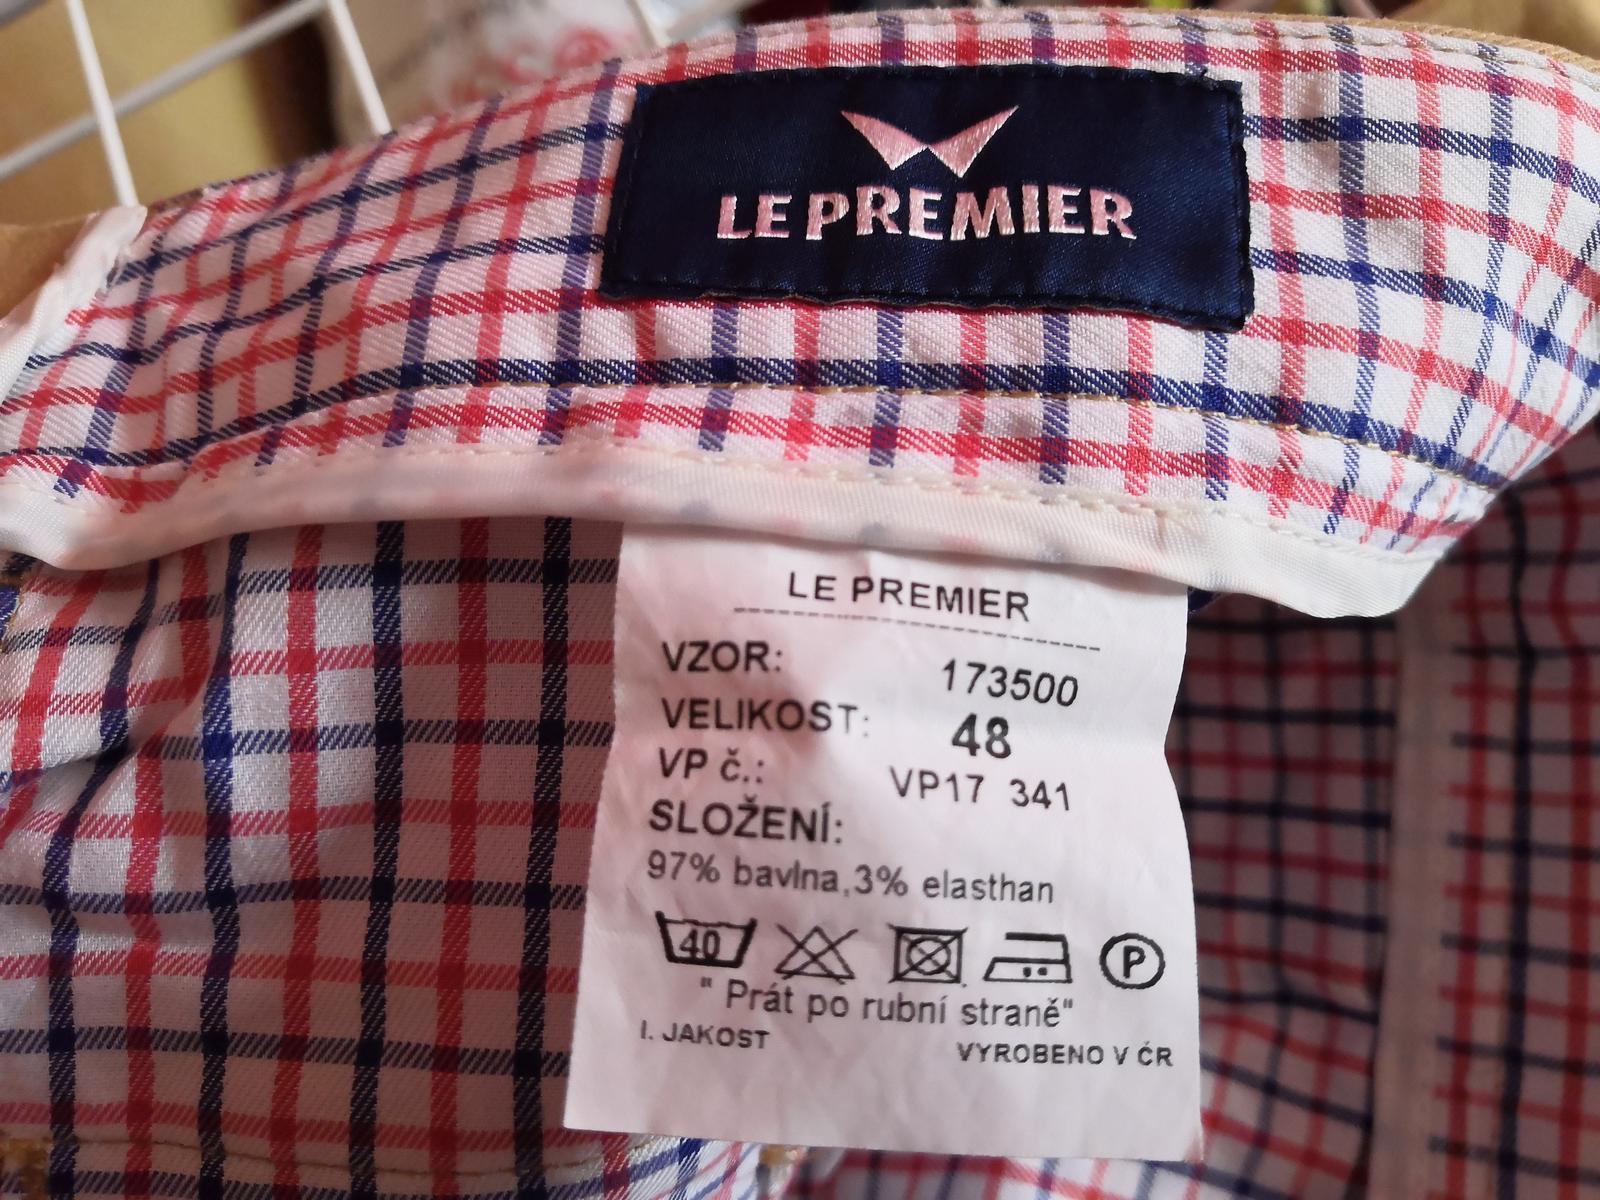 pánské chinos kalhoty vel. 48 zn. le premier - Obrázek č. 3